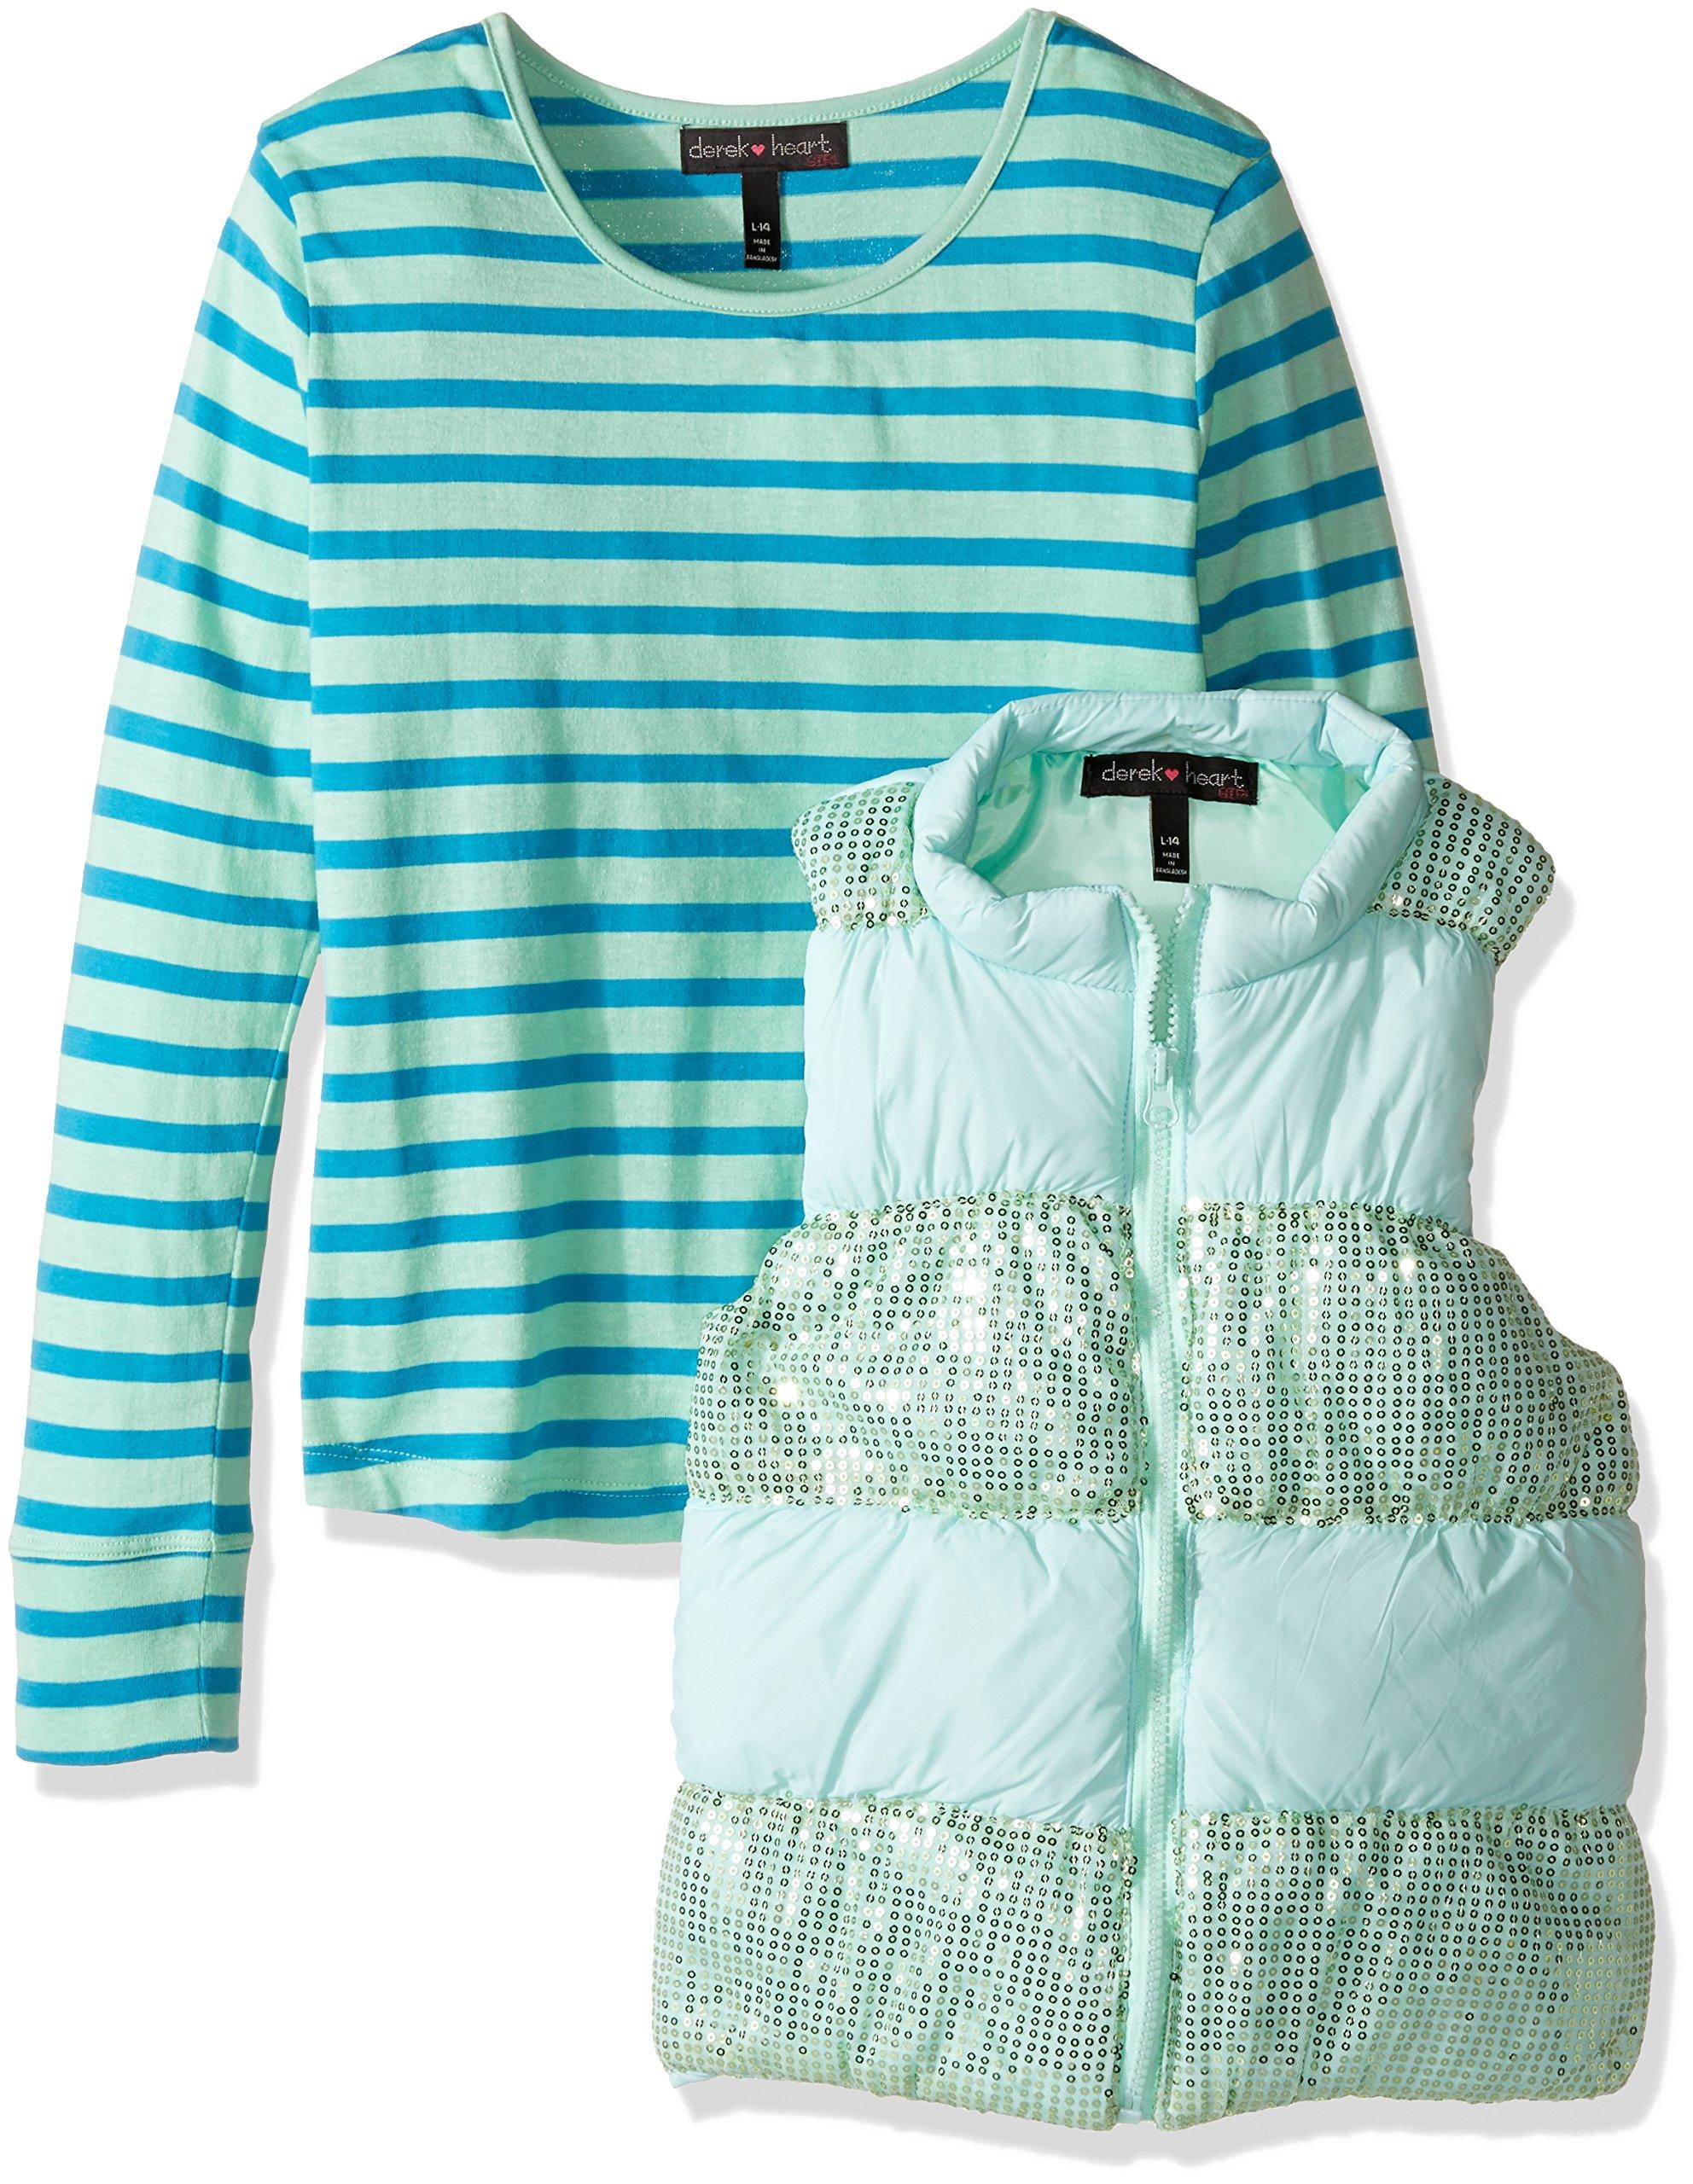 Derek Heart Big Girls' 2 Piece Set Puffy Vest with Sequin Trim and Long Sleeve Stripe T-Shirt, Beach Glass/Hawaiian Ocean, m10/12